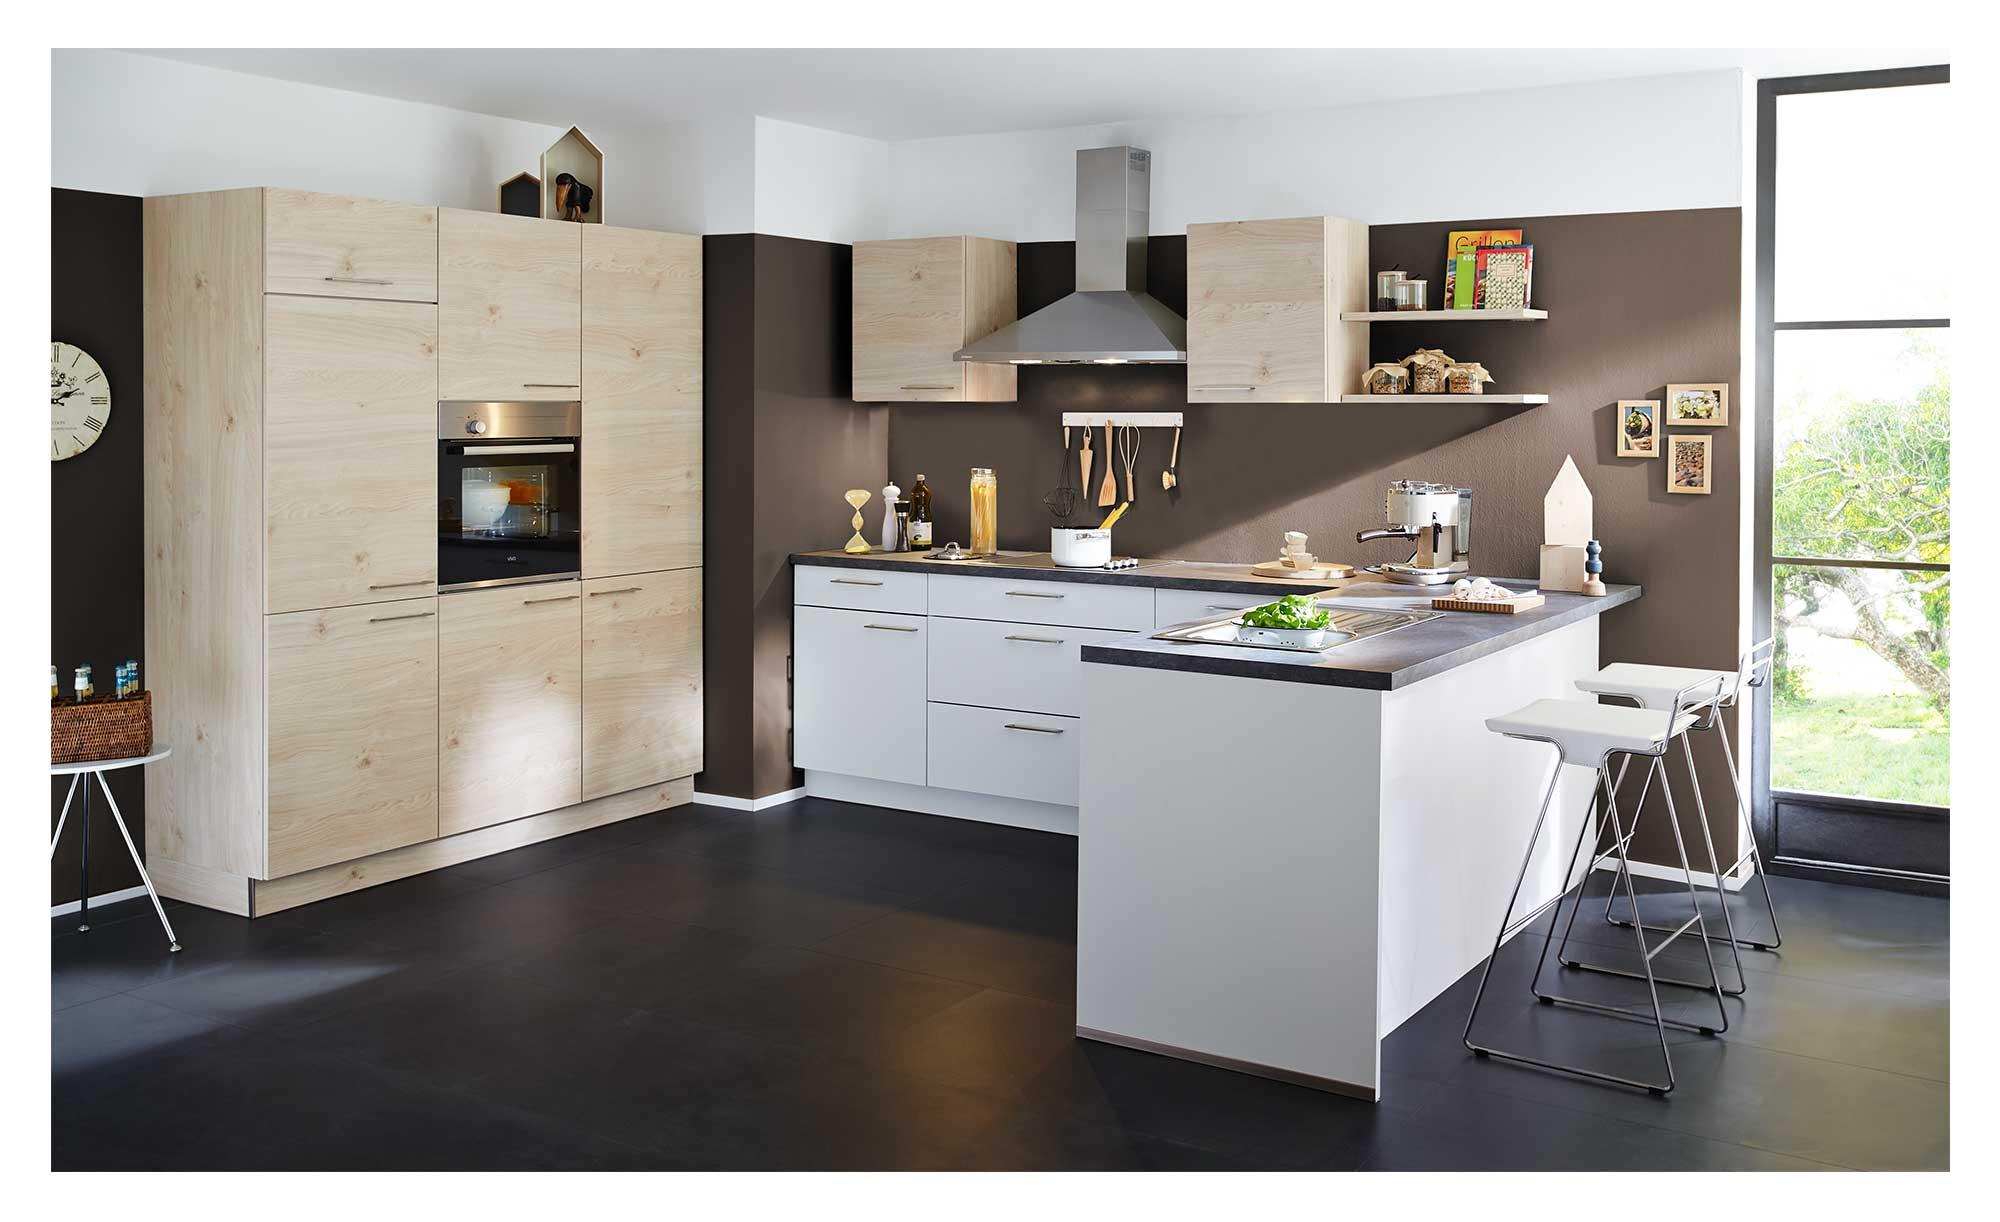 Full Size of Spritzschutz Küche Nolte Küche Nolte Betonoptik Meterpreis Küche Nolte Küche Nolte Schüller Küche Küche Ohne Geräte